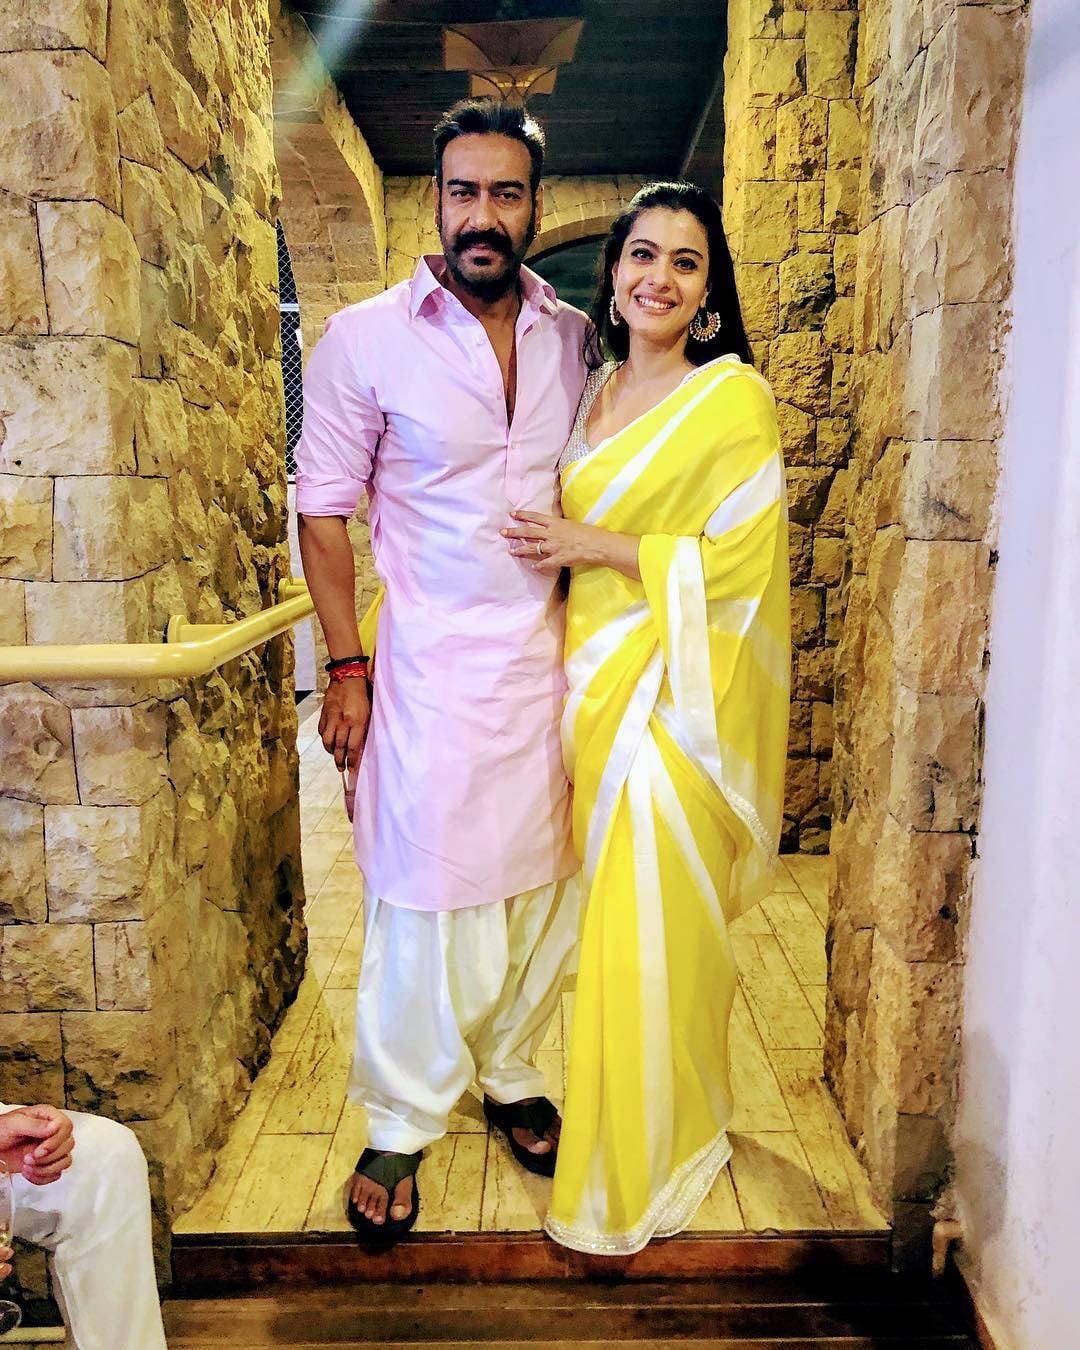 اجے دیوگن اور کاجول نے بھی دیوالی دیوالی کا جشن ایک ساتھ منایا، اس دوران کاجول نے زرد رنگ کی خوبصورت ساڑھی زیب تن کی —فوٹو/ انسٹاگرام